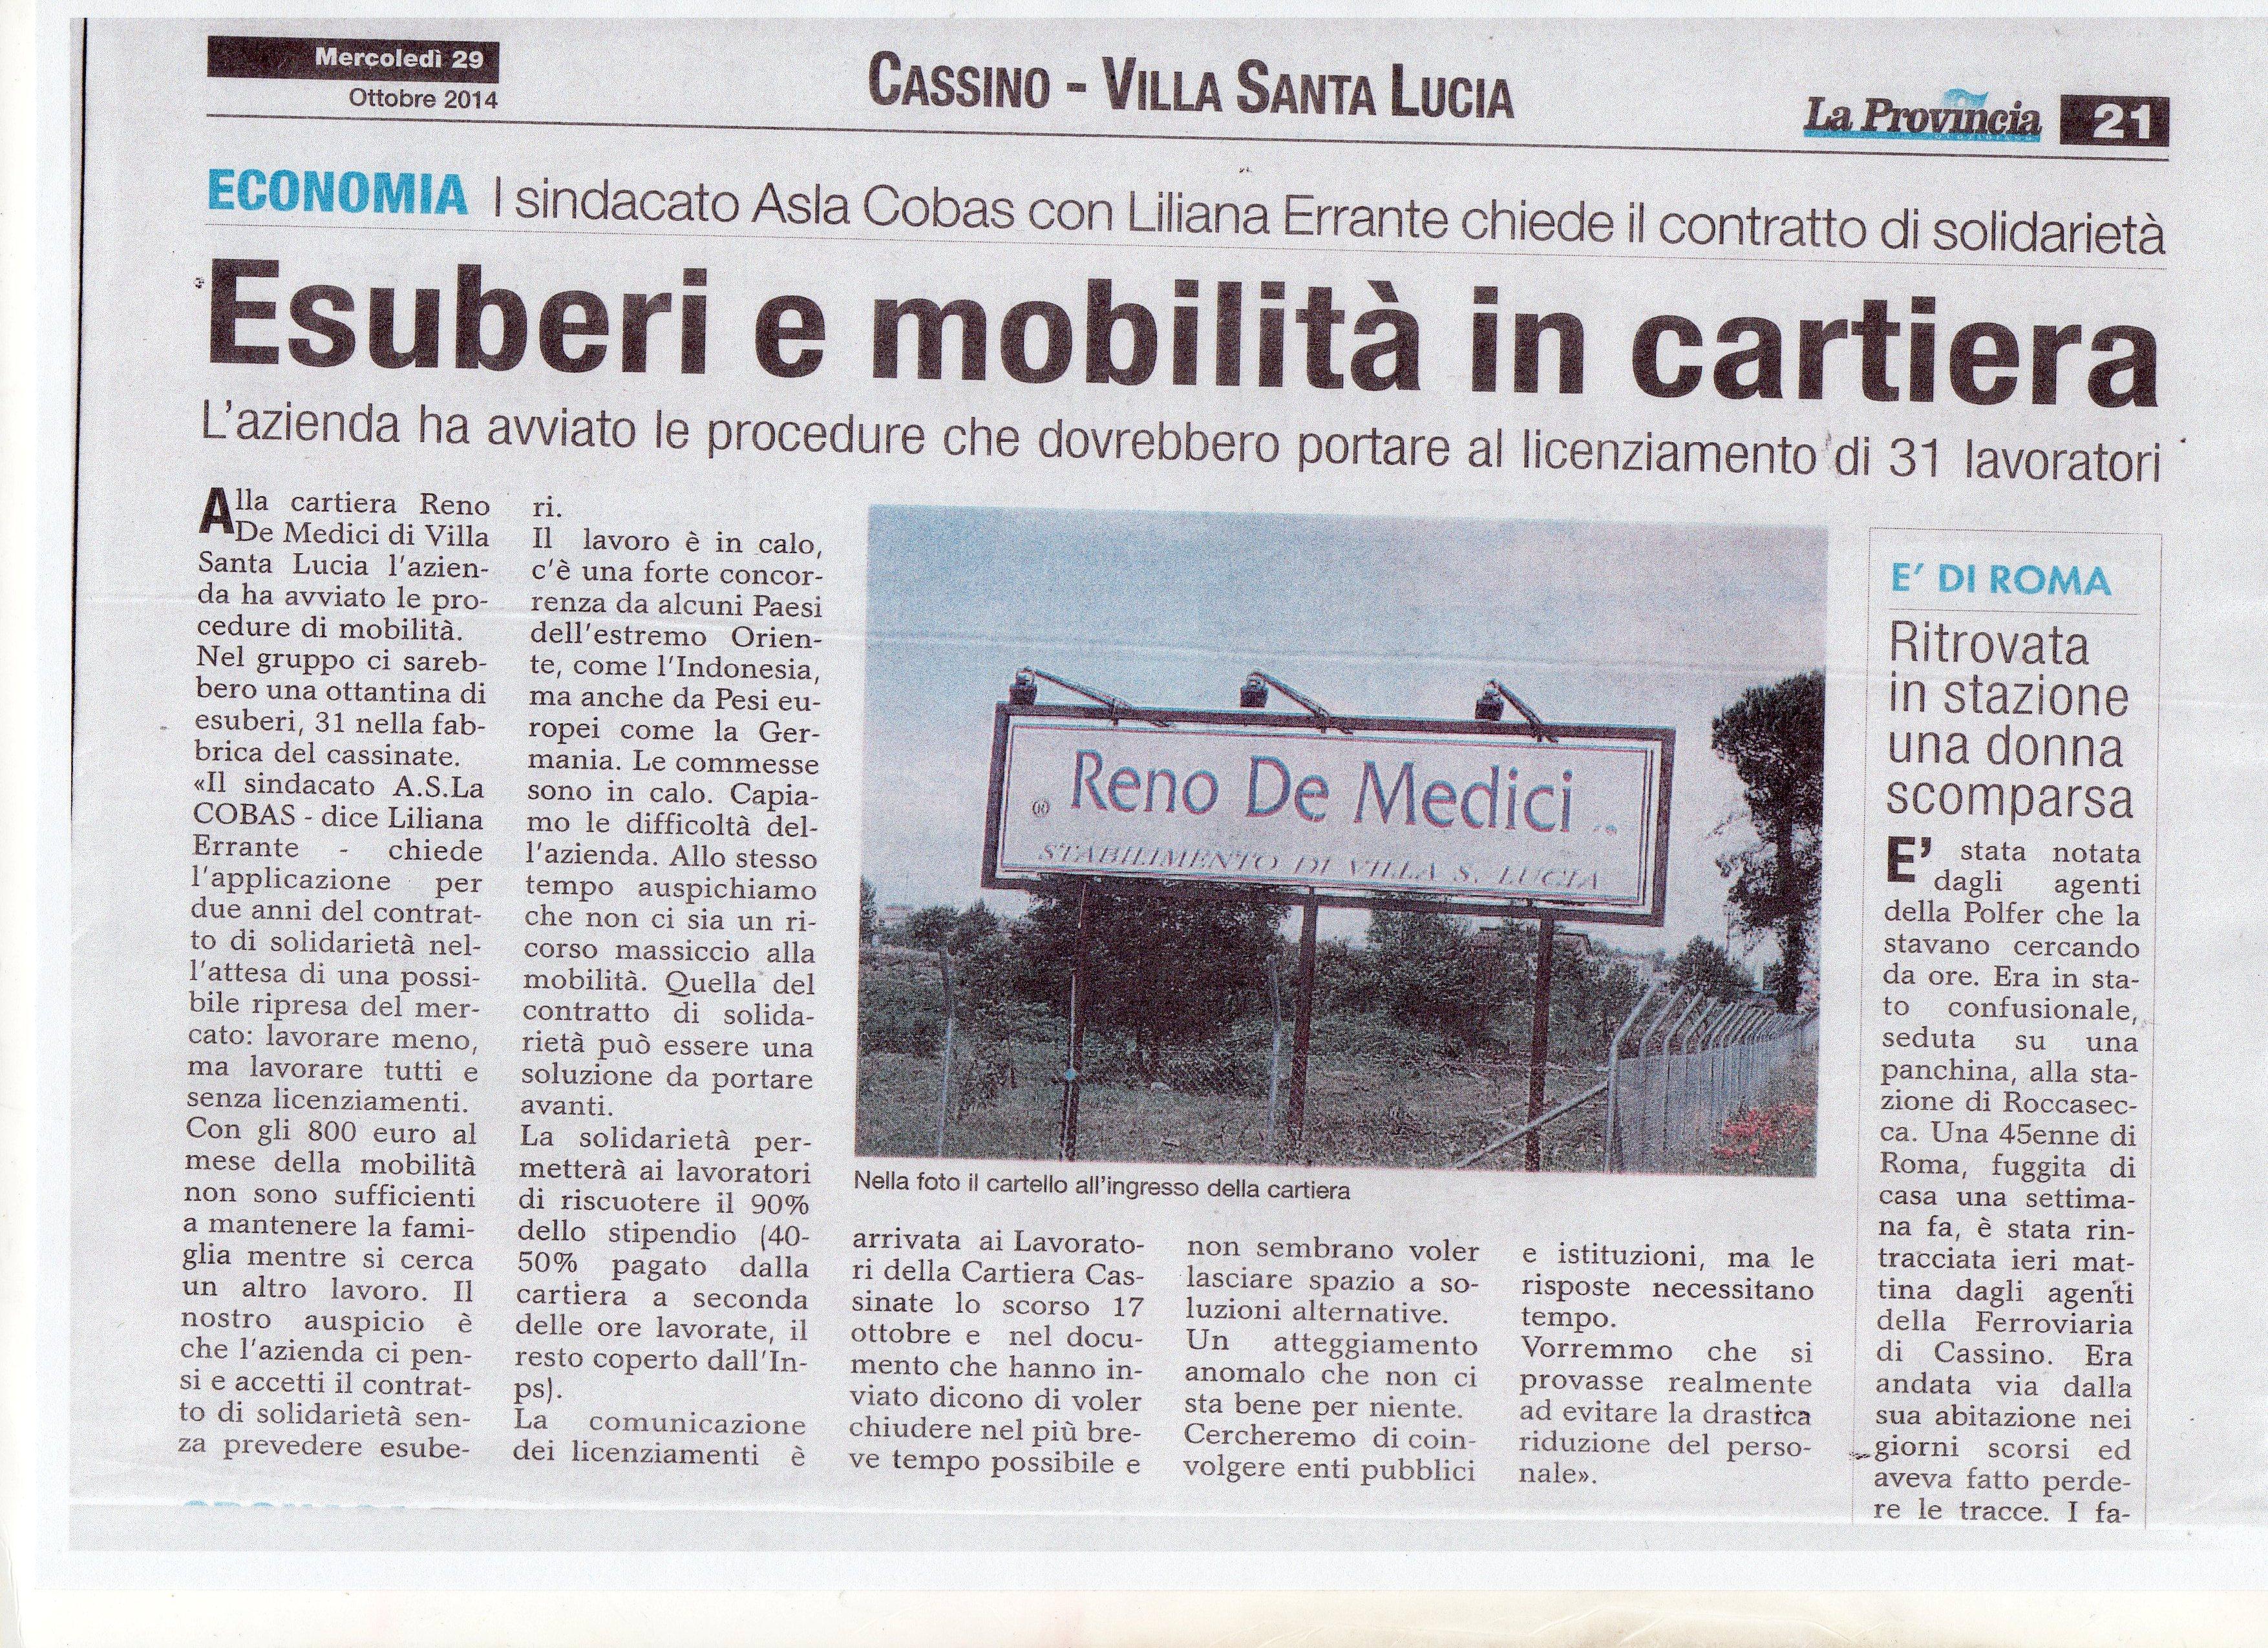 ARTICOLO RENO DE MEDICI DEL 29 OTTOBRE 20140012